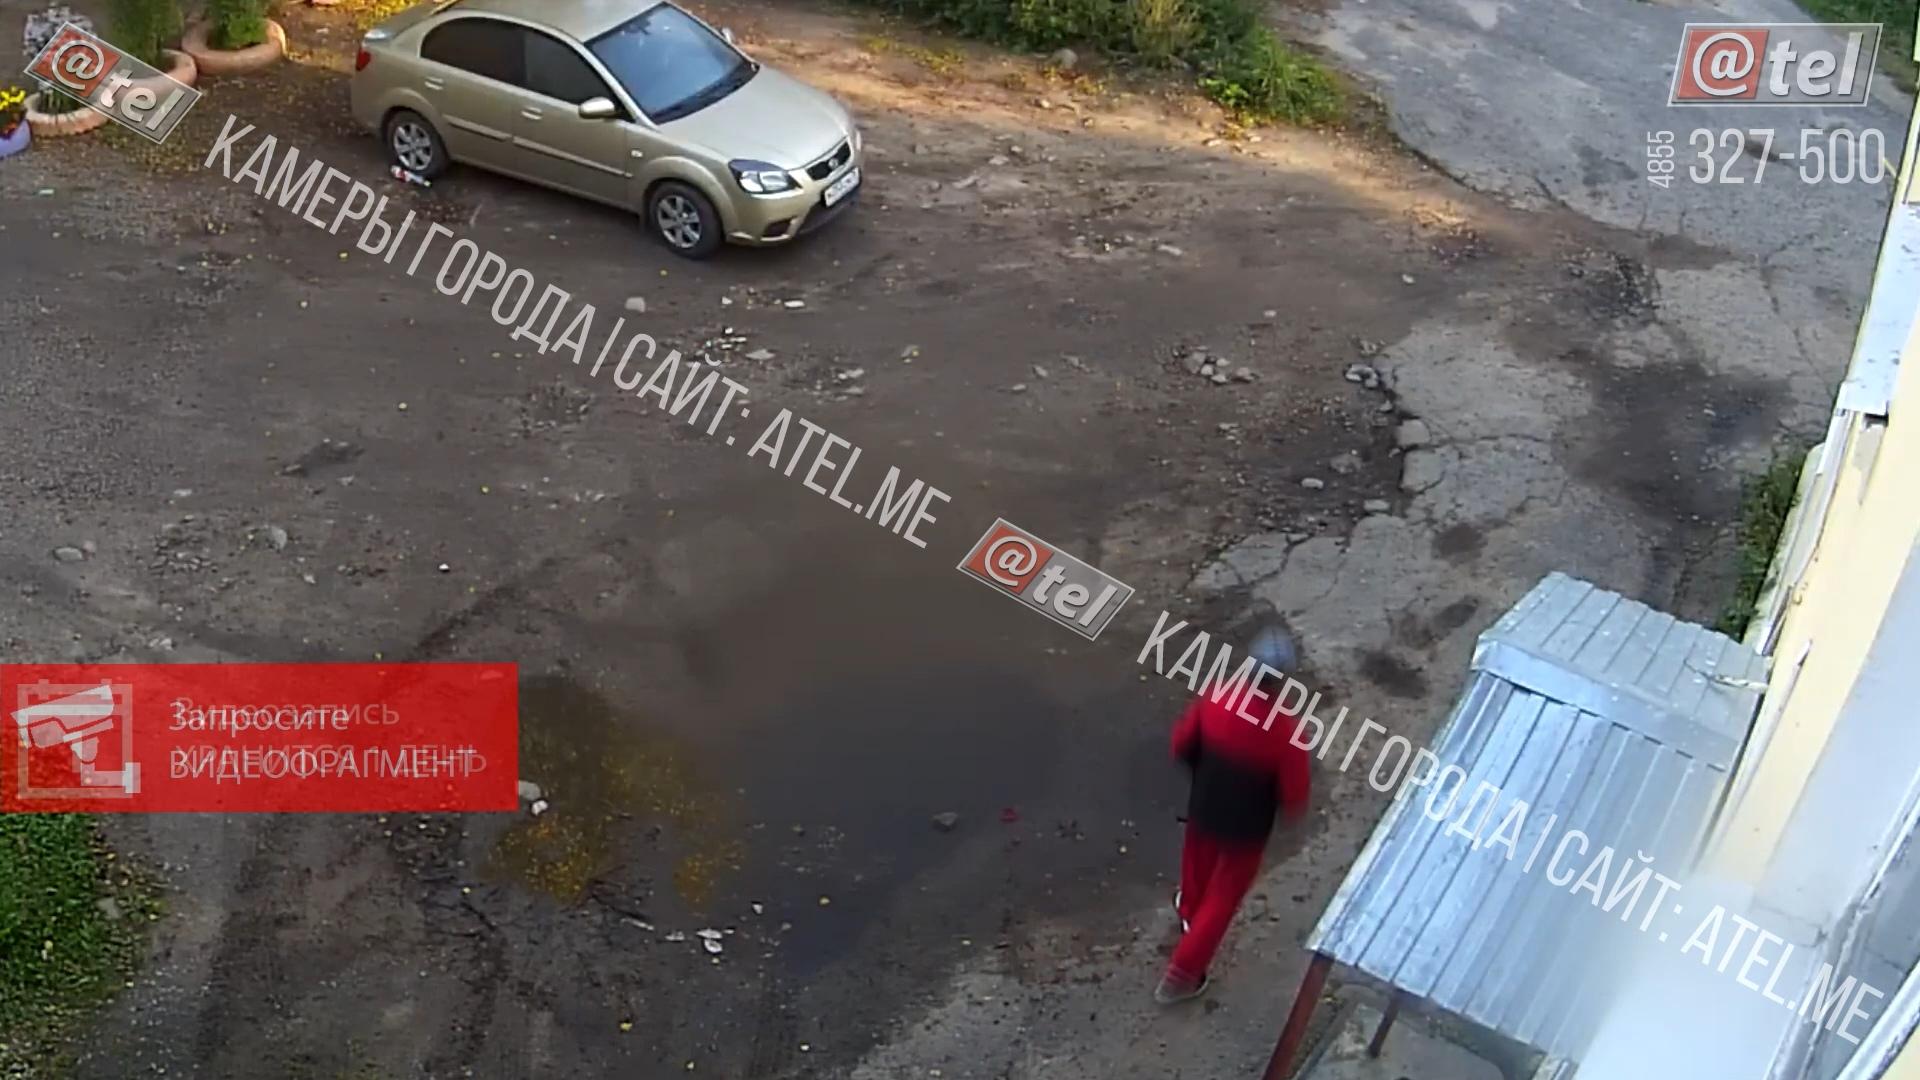 Долго стоял у опорного пункта полиции: камеры запечатлели путь подозреваемого в день убийства в Рыбинске